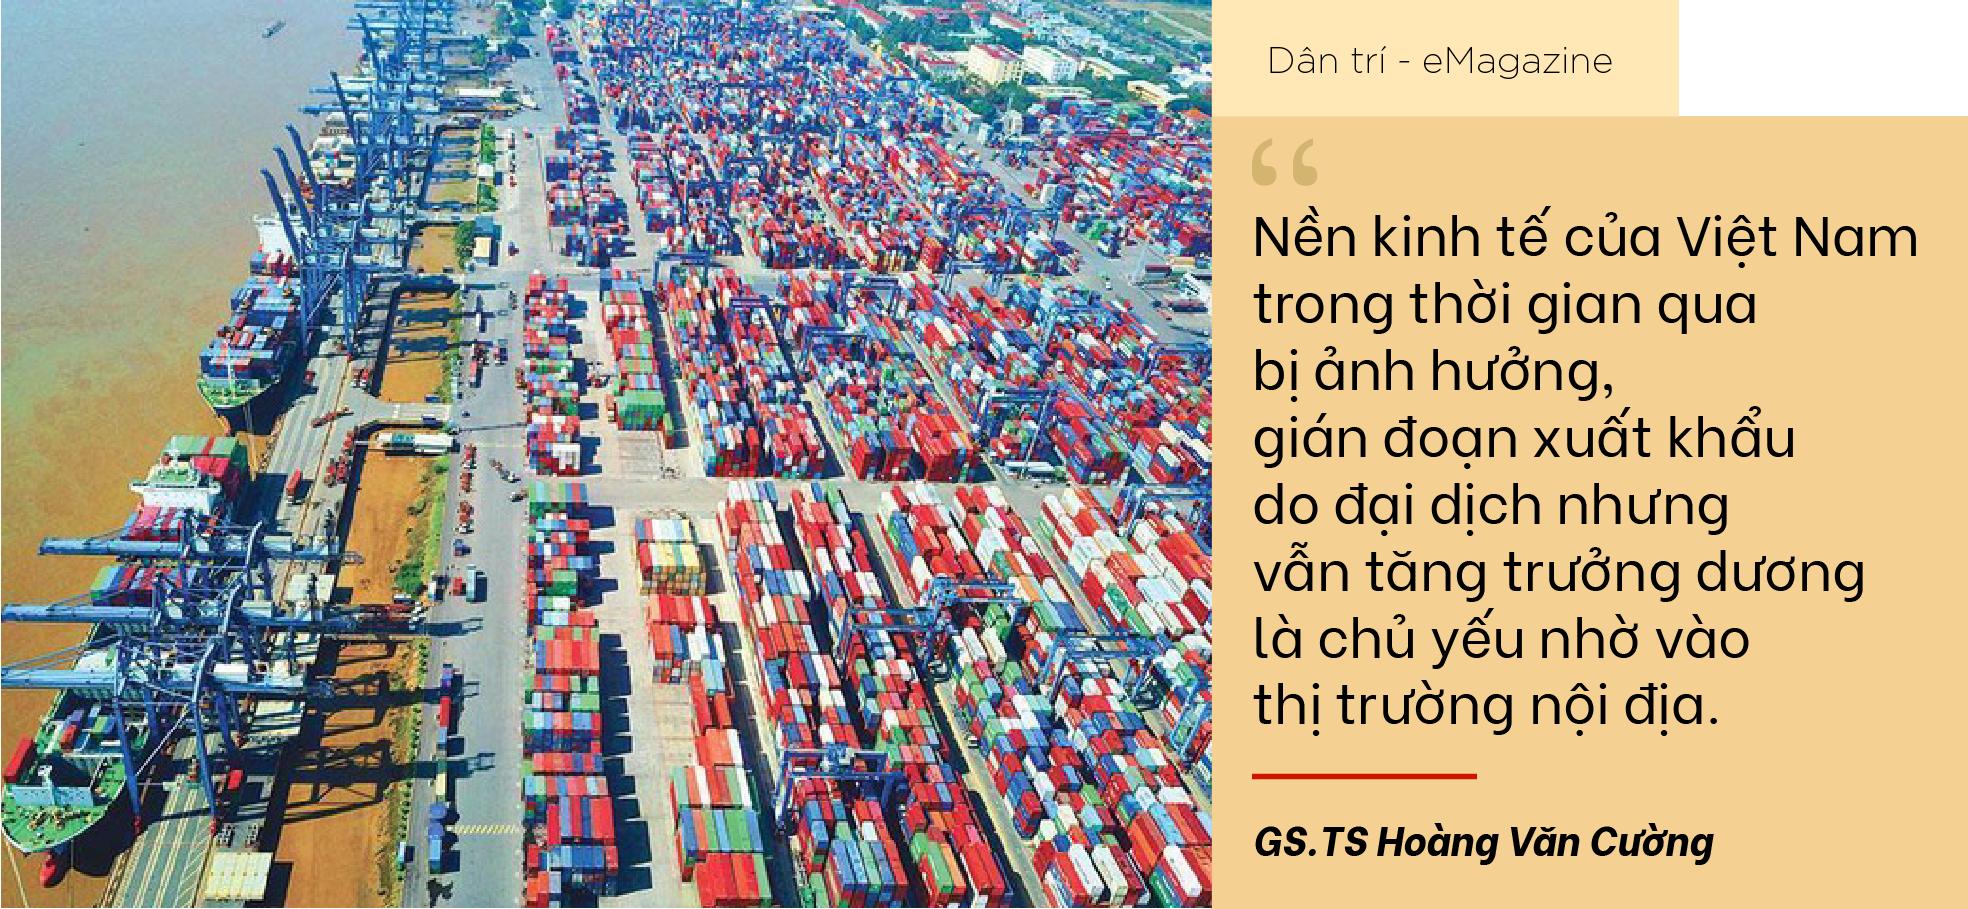 GS.TS Hoàng Văn Cường: Việt Nam muốn giàu mạnh, sứ mệnh đặt lên vai ai? - 2